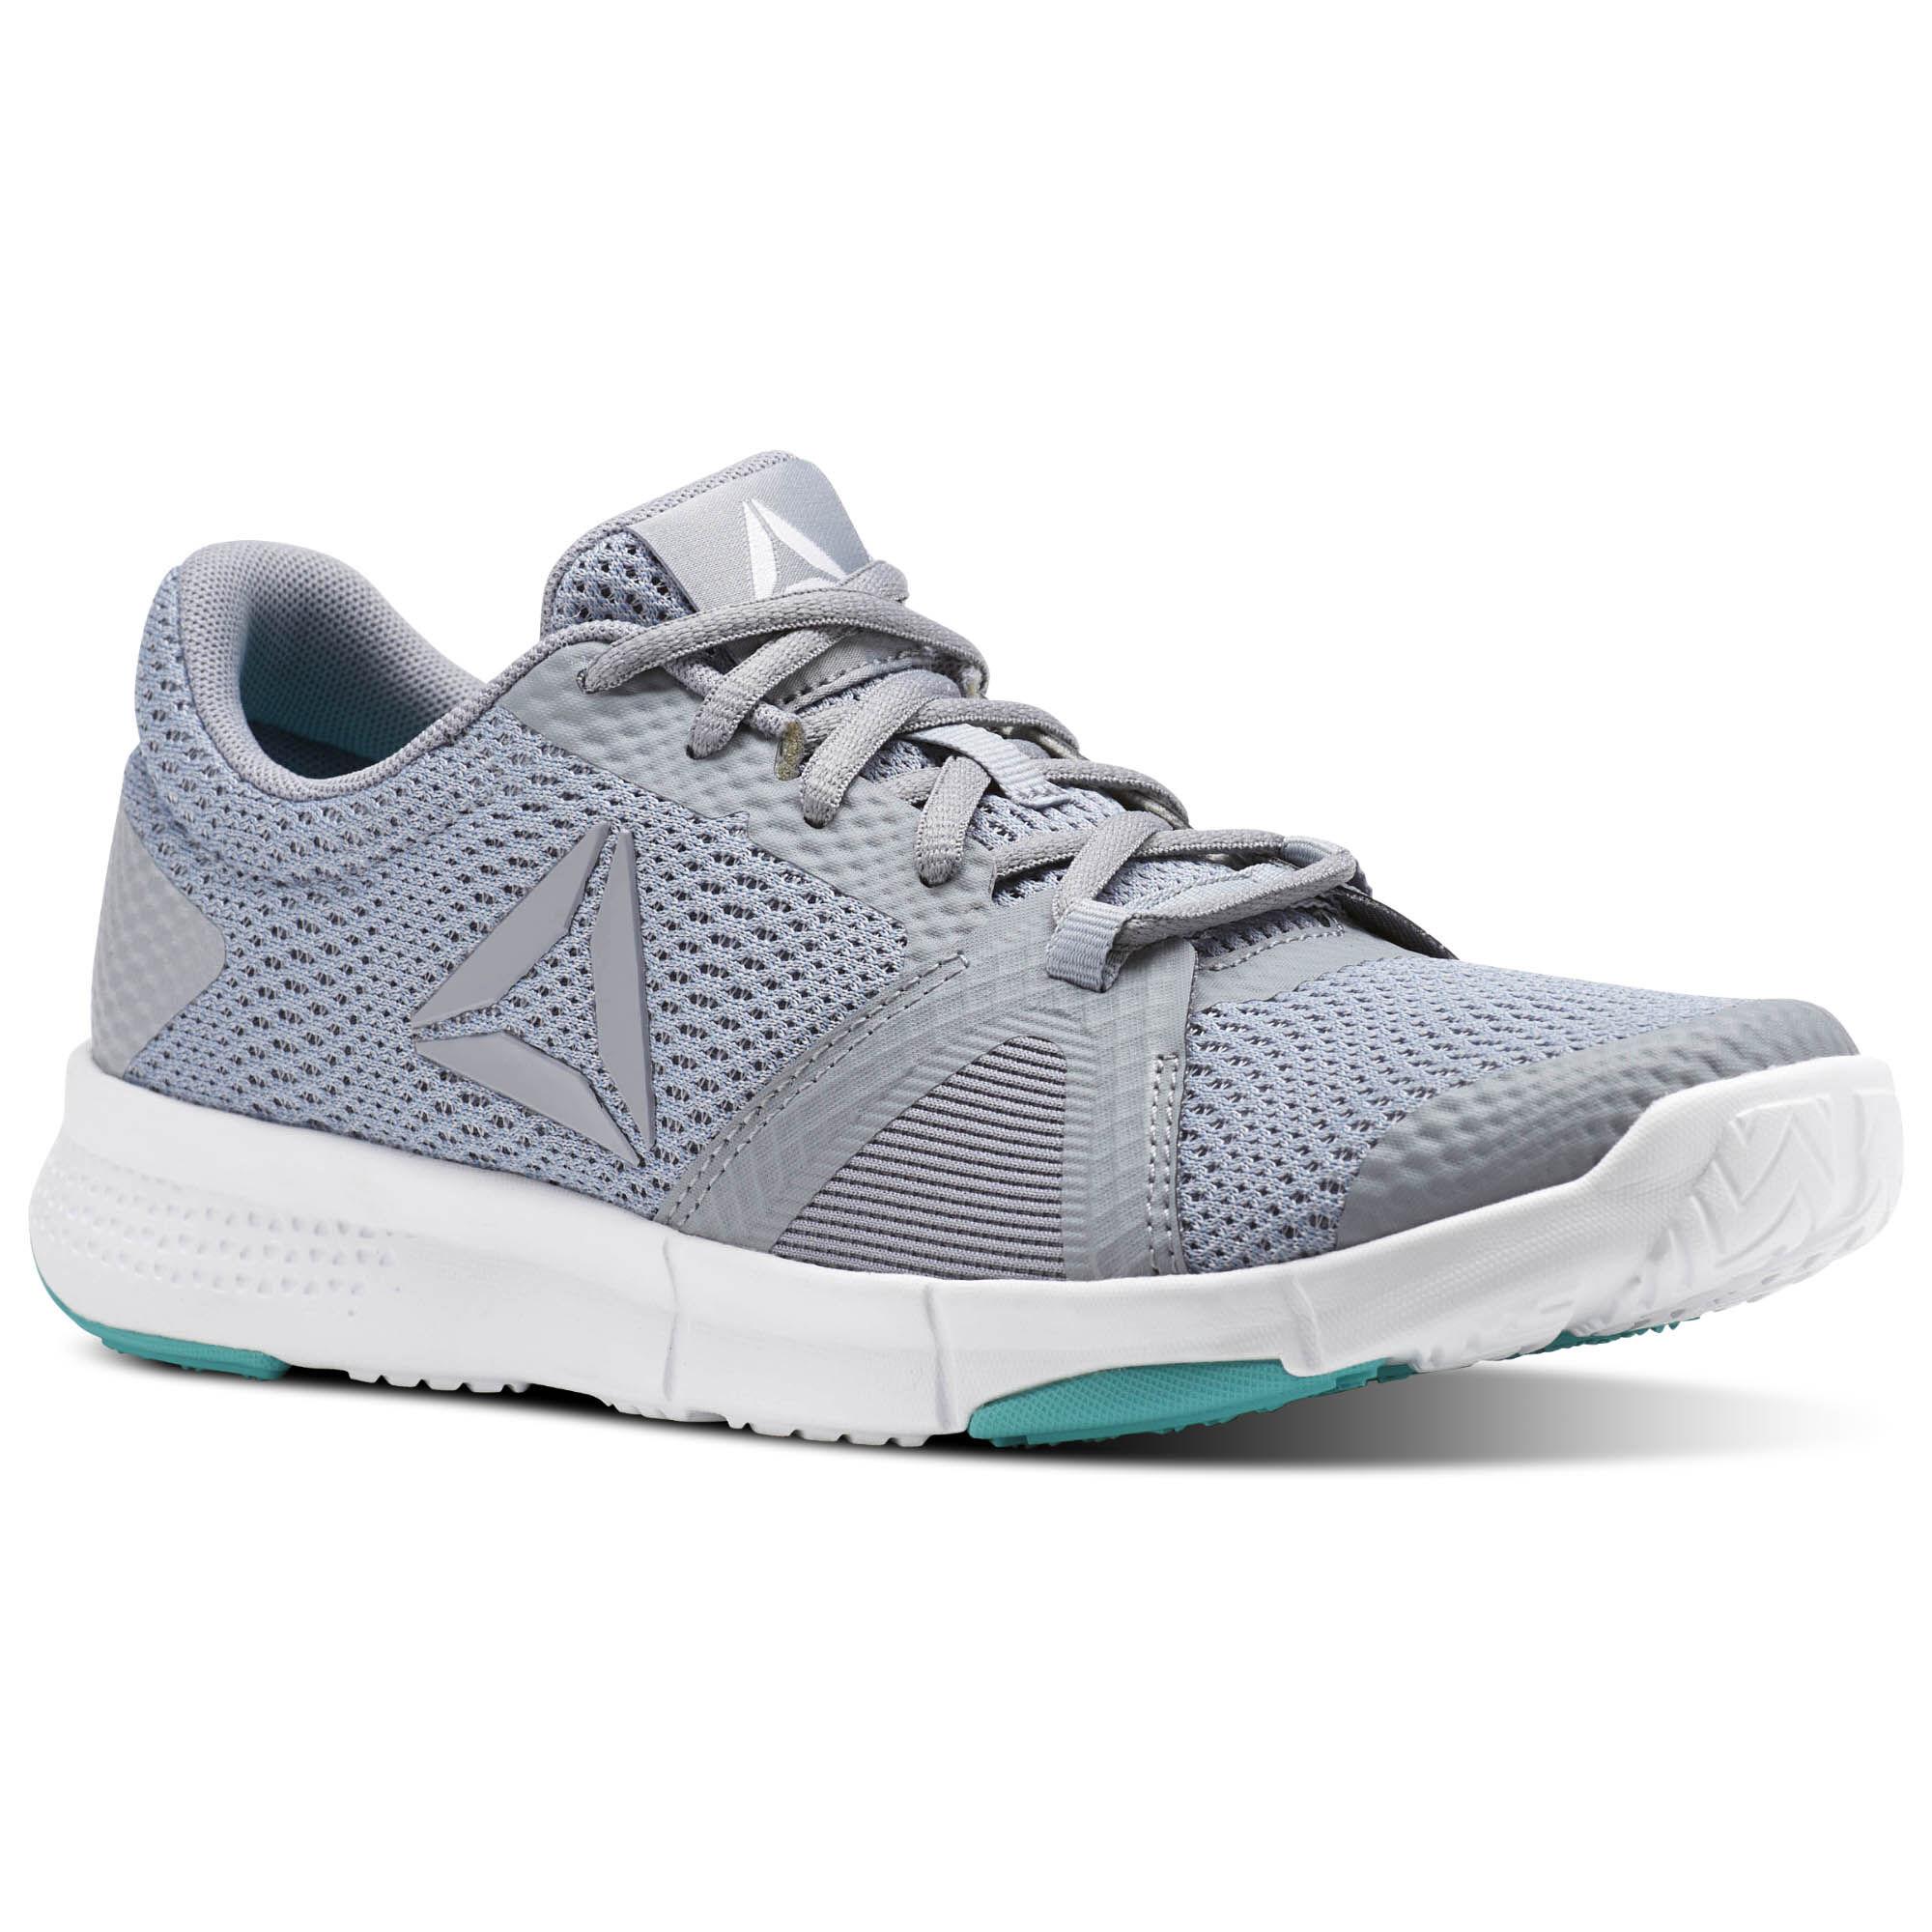 Schuhe Reebok - Ahary Runner CN5345 White/Navy/Pink Q8Ojlxa2